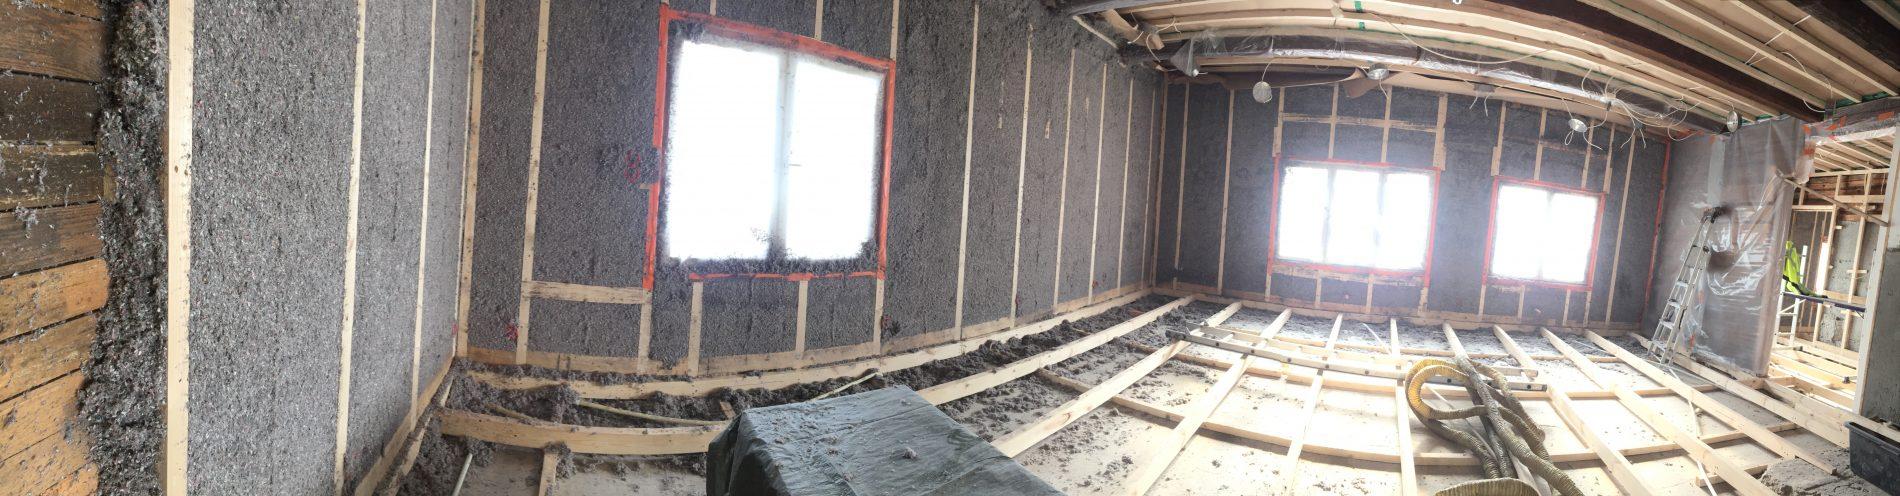 kesämökki, savitaipale, heituinlahti, seinän eristäminen sisäpuolelta ruiskuttamalla, isocell selluvilla puhalluseriste